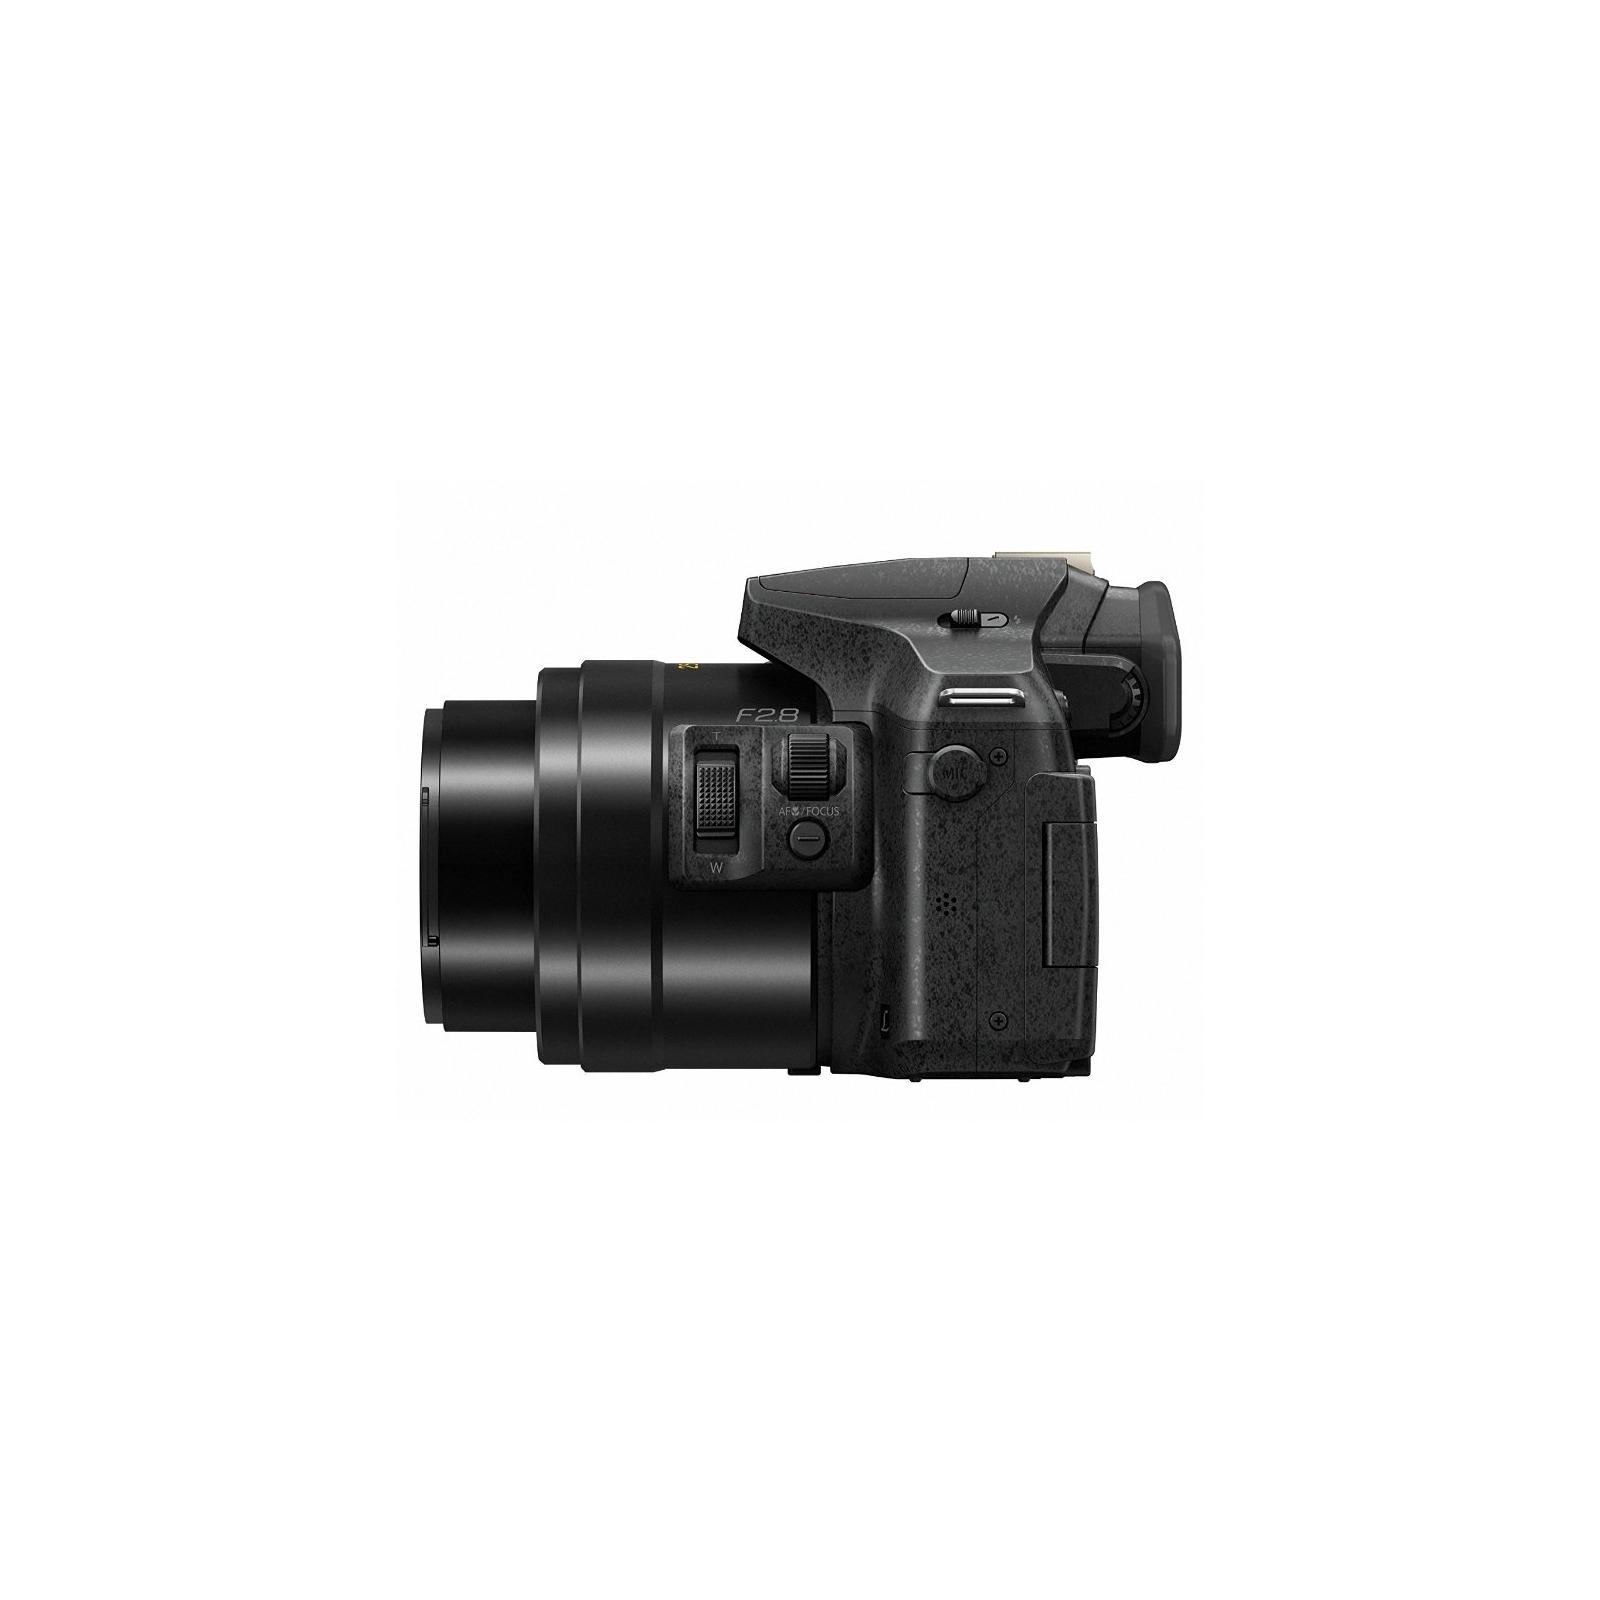 Цифровой фотоаппарат PANASONIC DMC-FZ300 (DMC-FZ300EEK) изображение 5